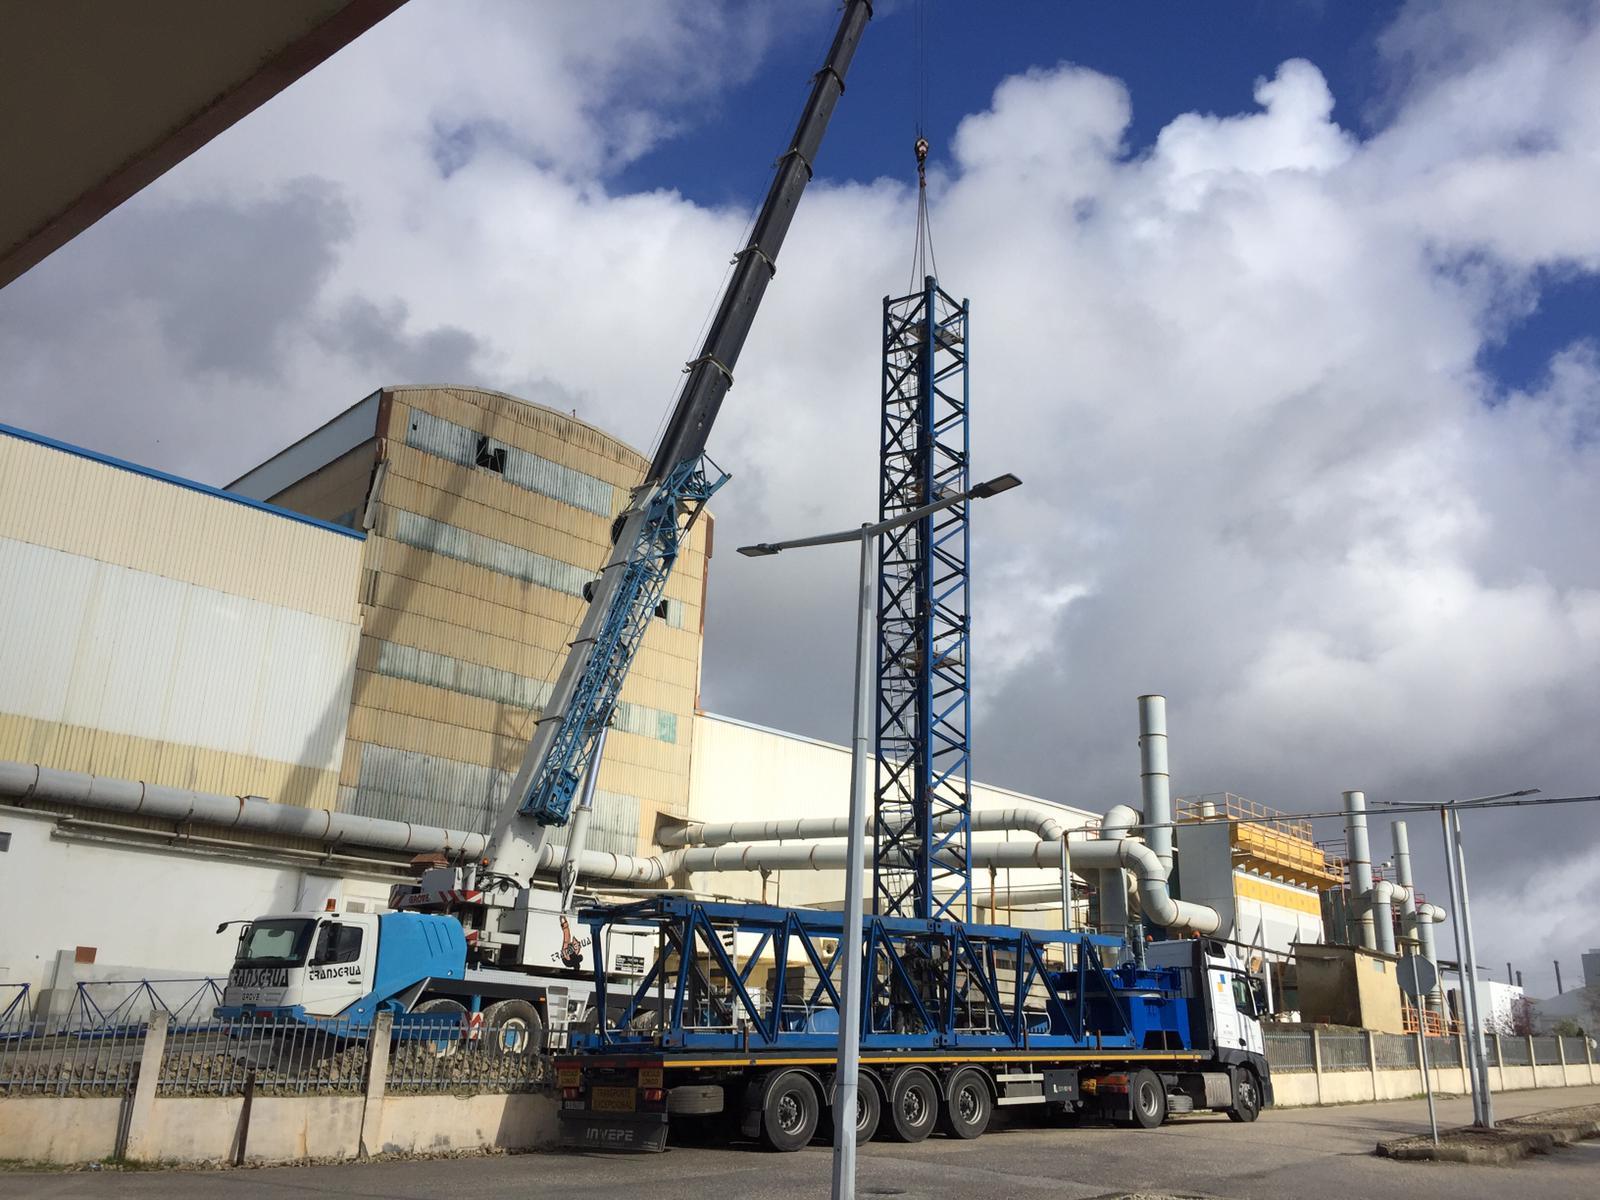 Reabilitação de Fachadas e Cobertura de Edifício Fabril 3000m2